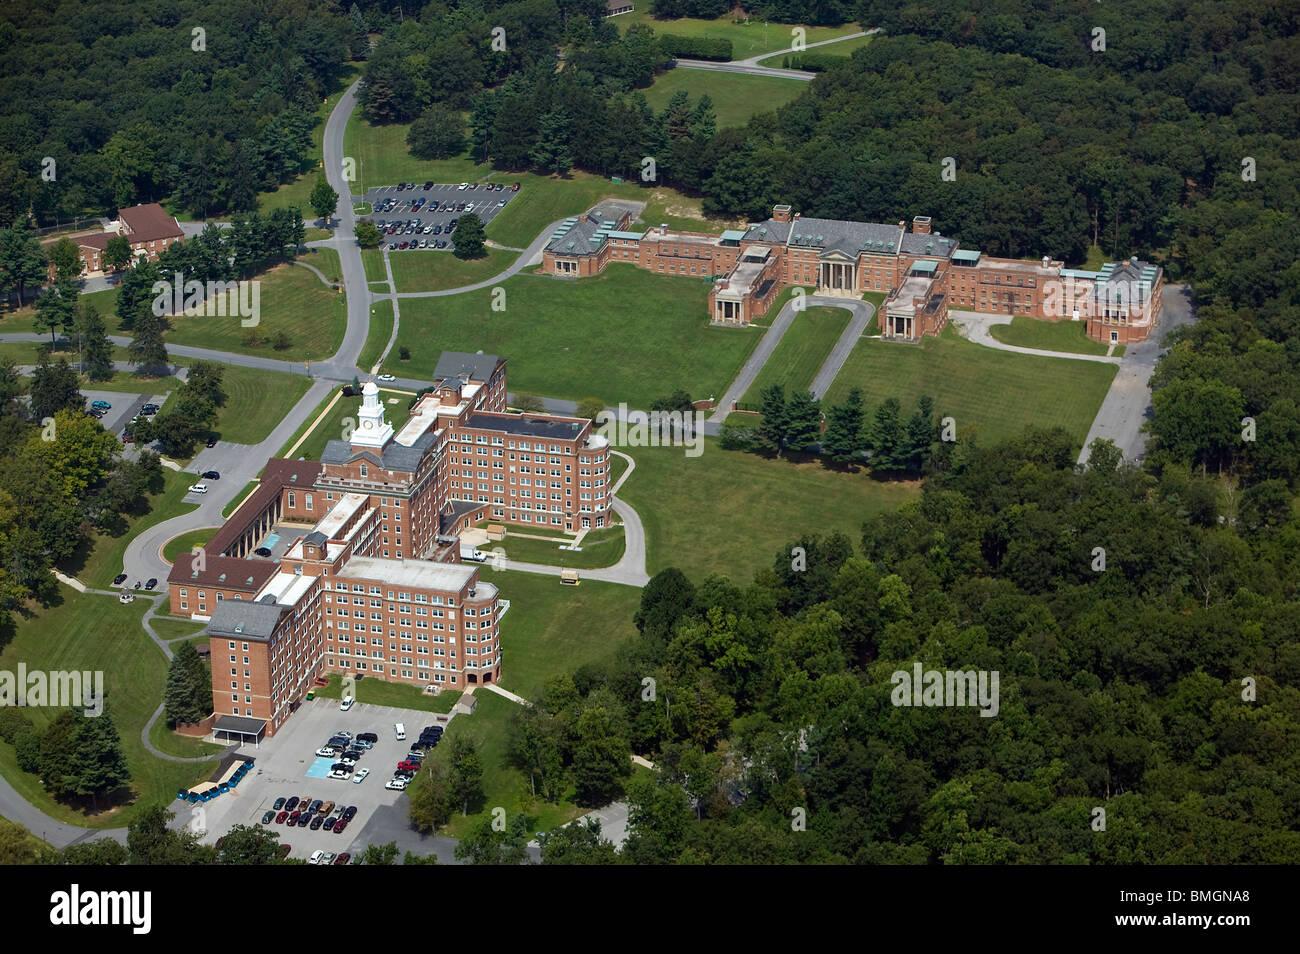 Photographie aérienne de grands bâtiments en briques institutionnelles Pennsylvanie rurale Photo Stock